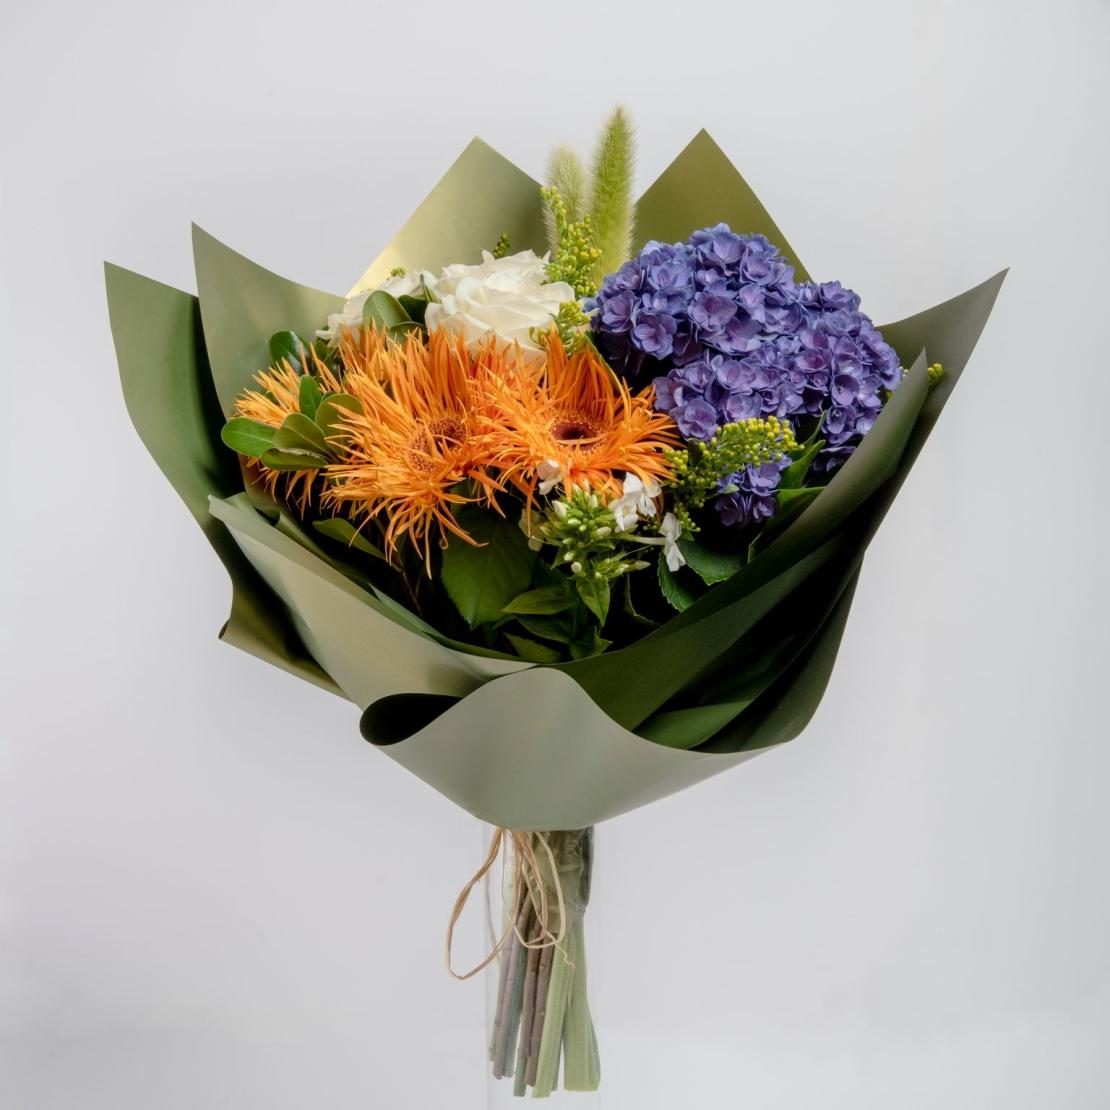 זר פרחים בסטייל אירופאי